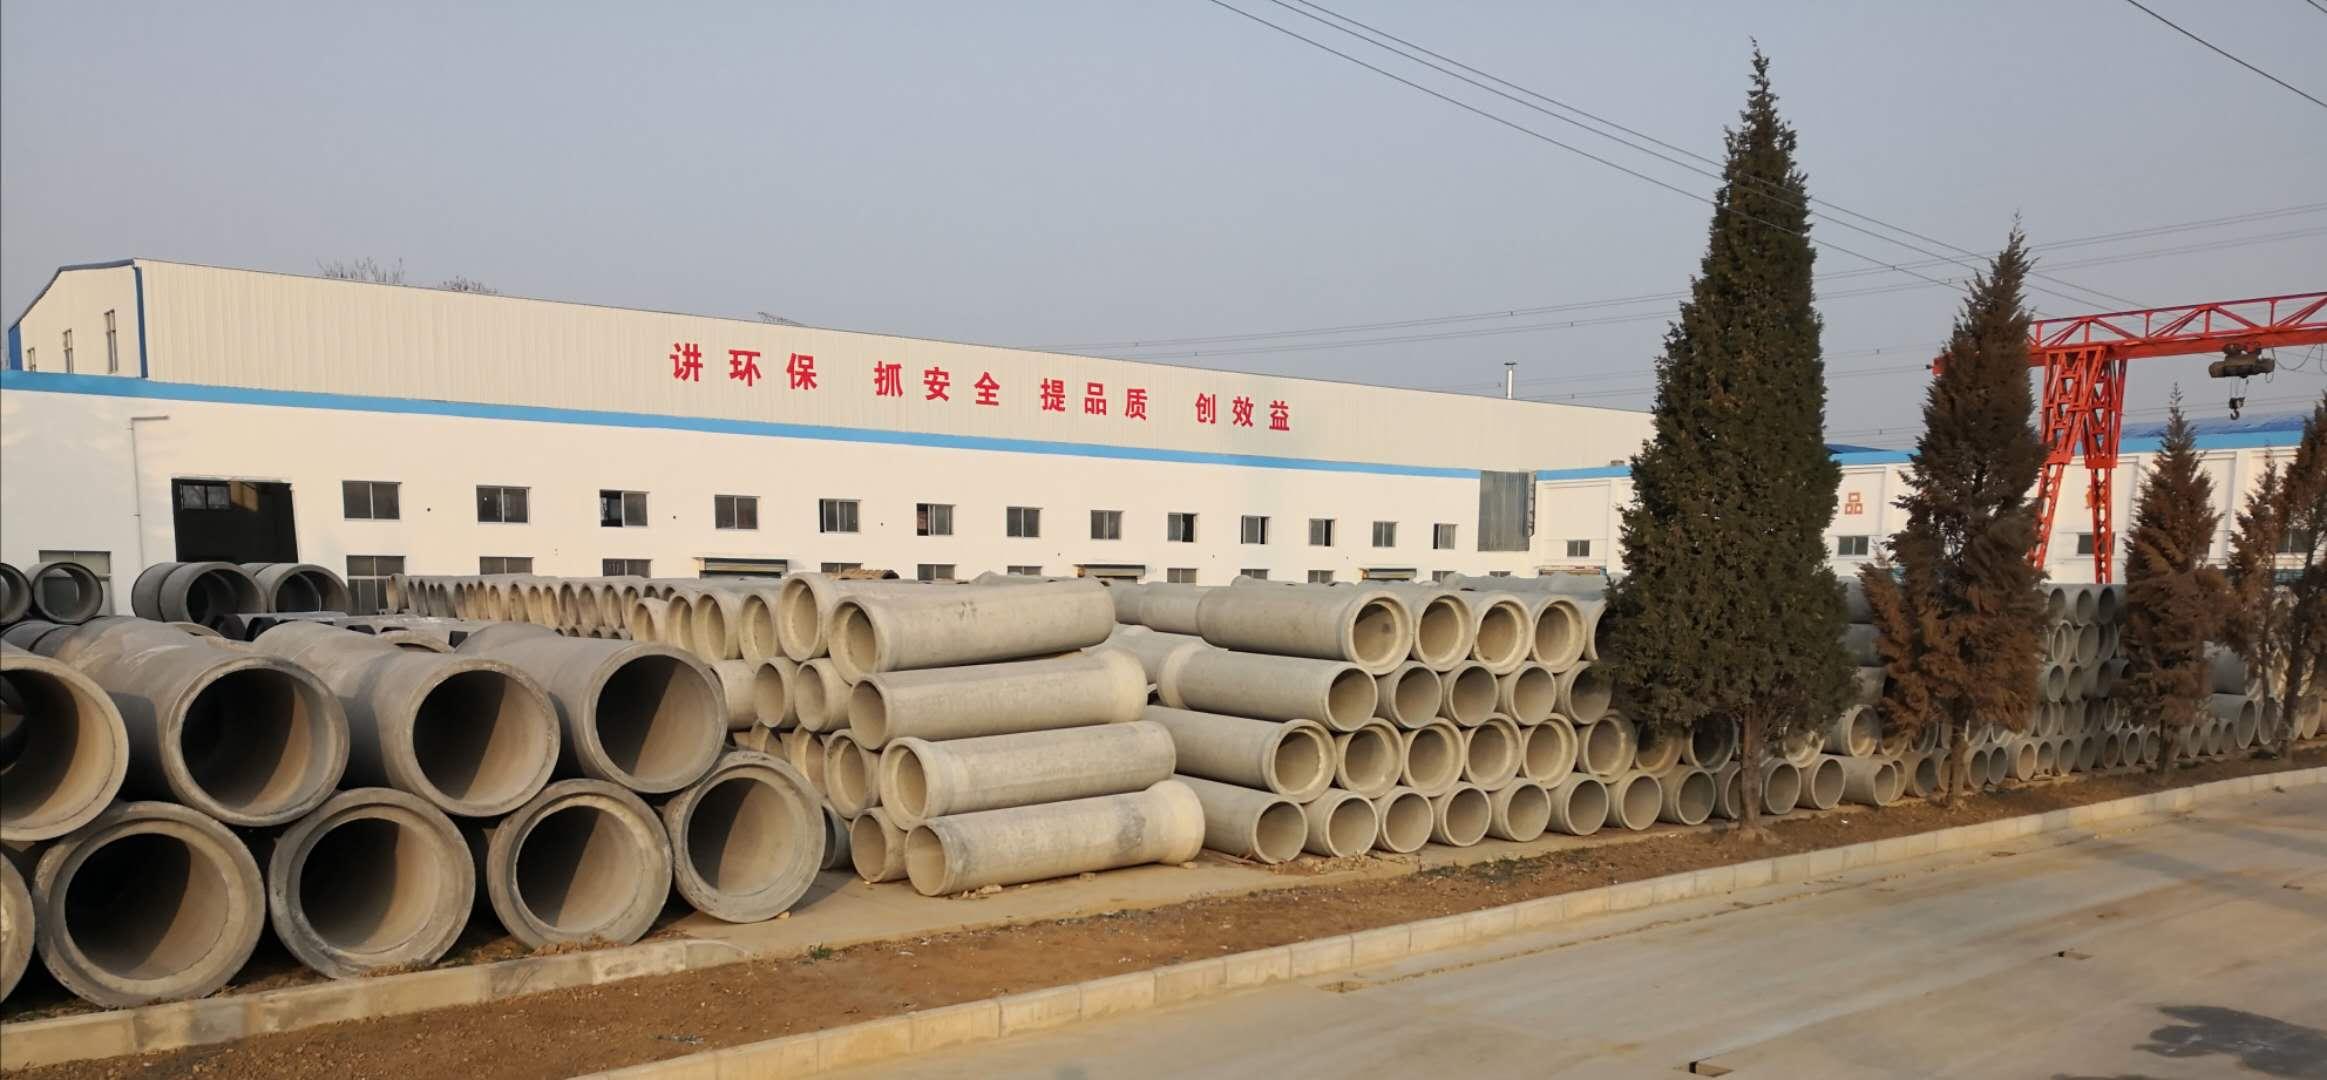 钢筋混凝土排水管铺设有怎样的要求